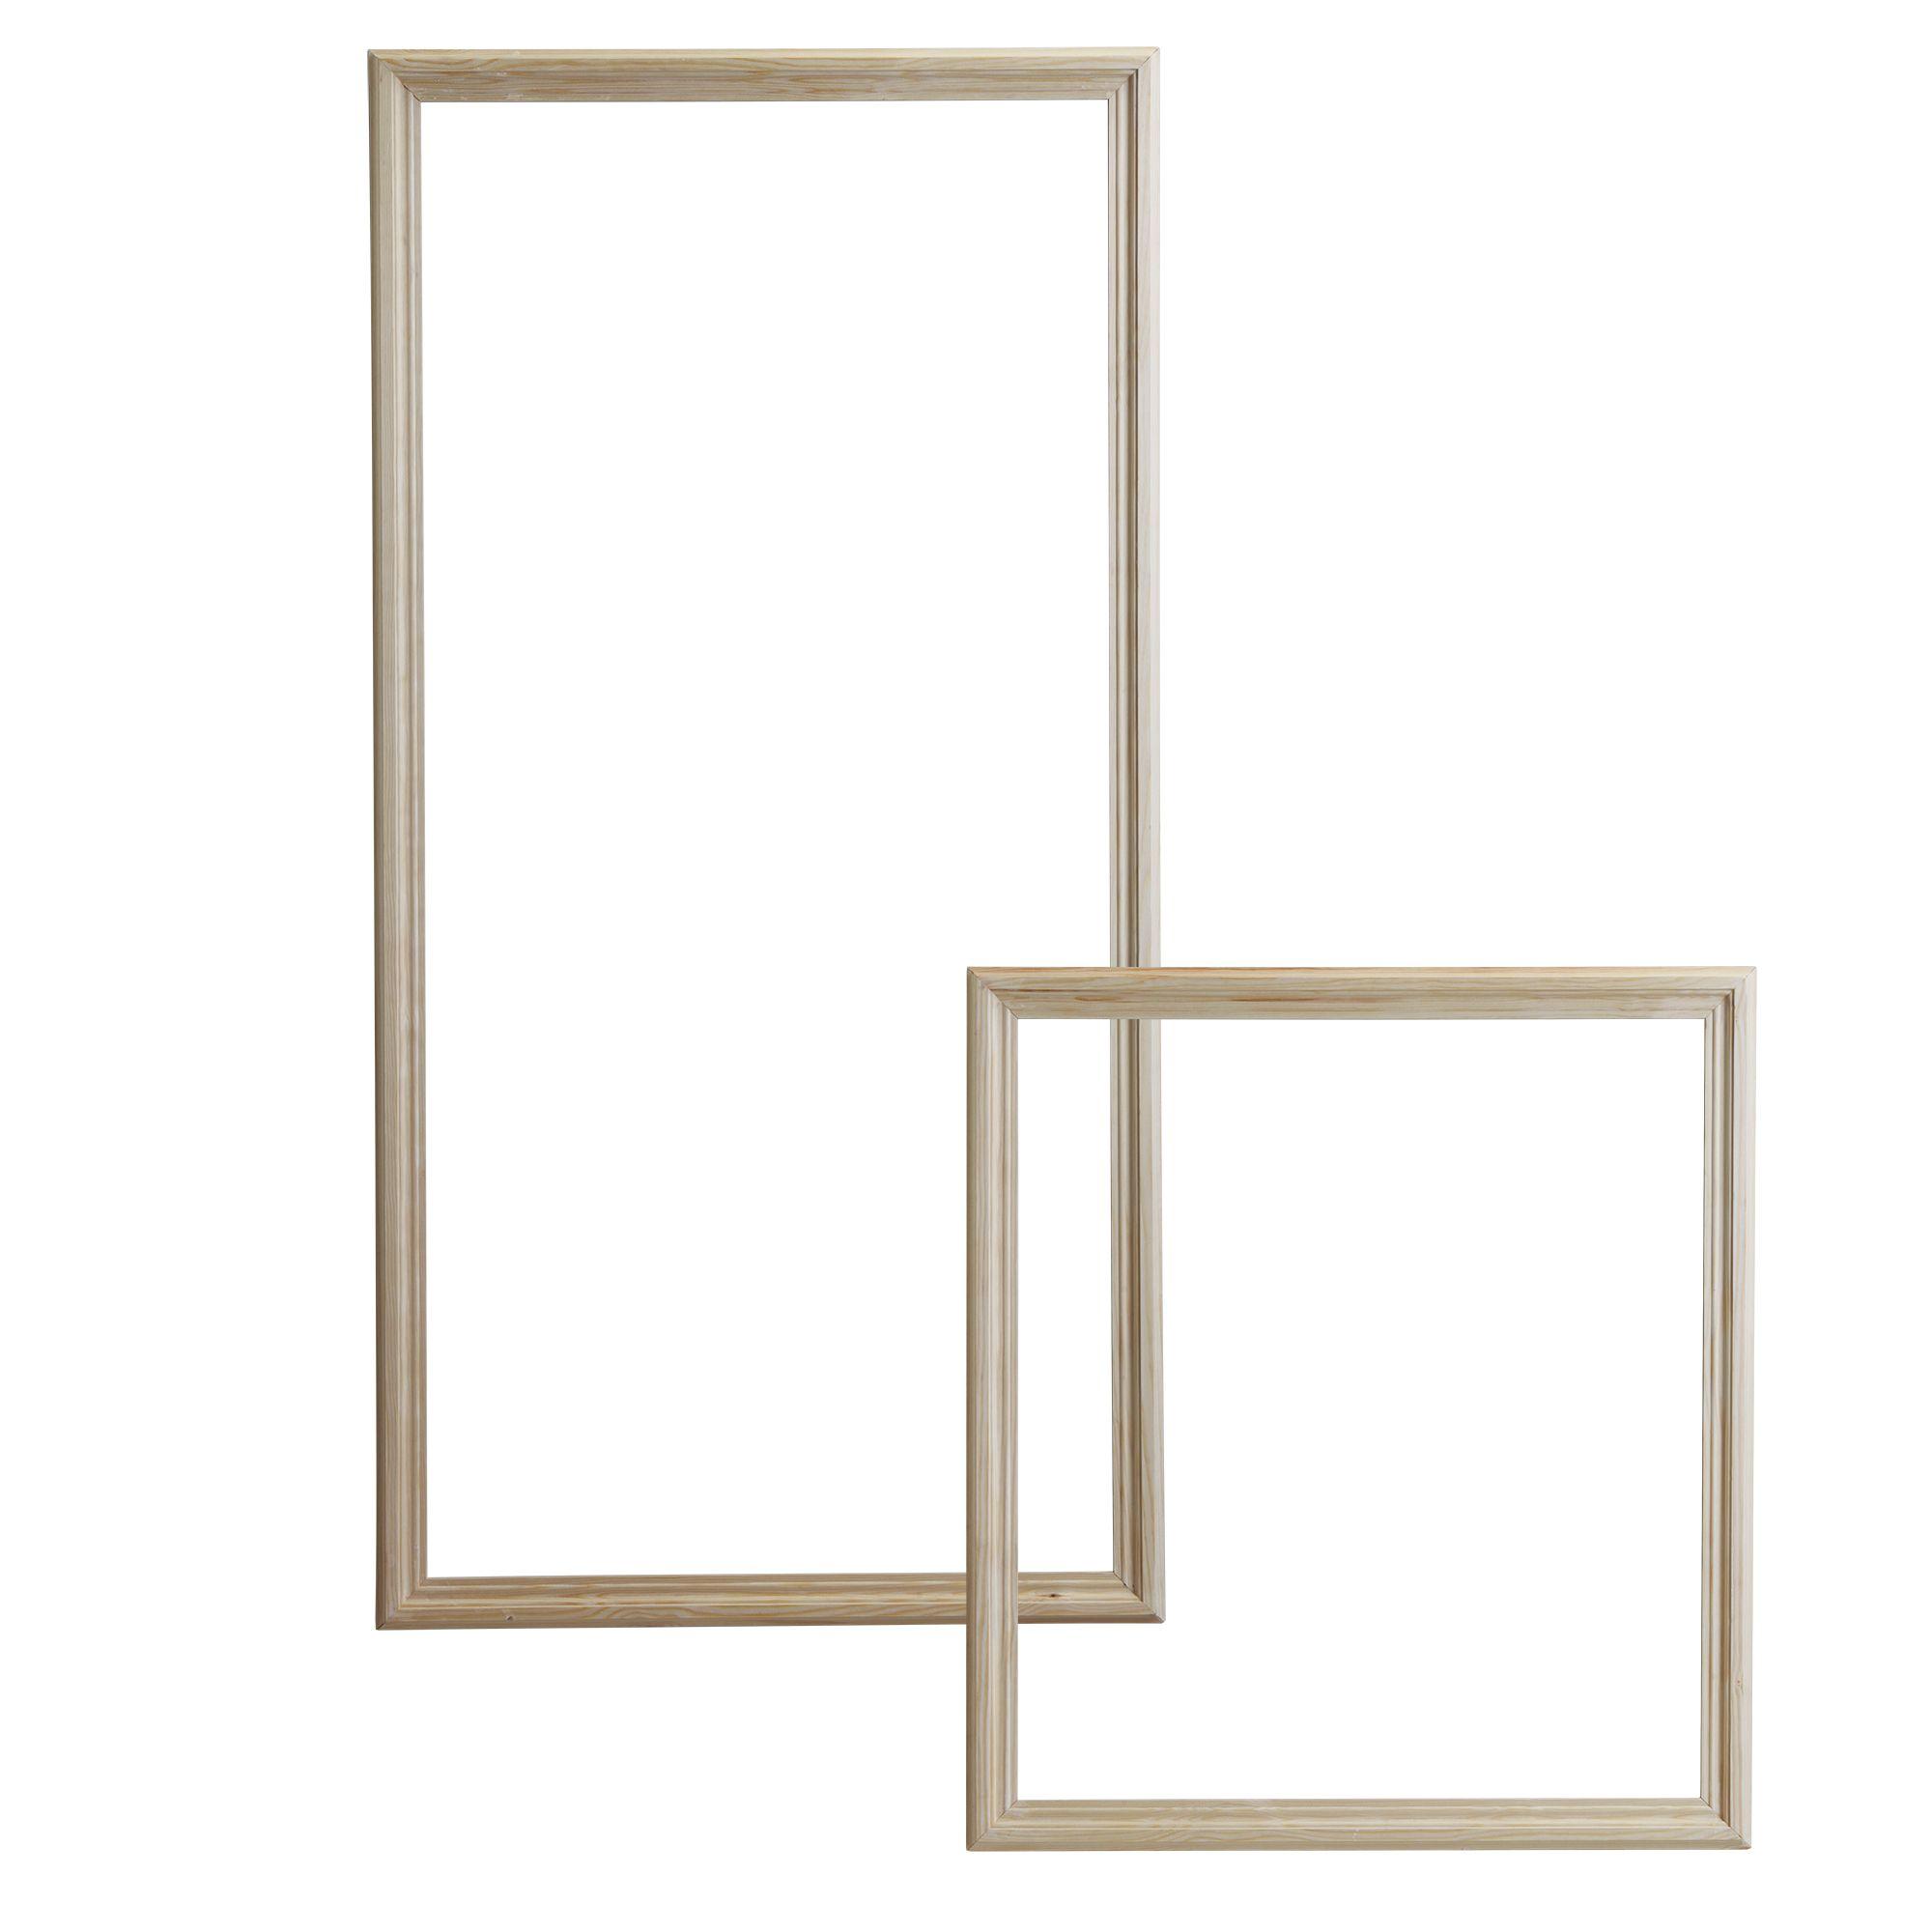 Pine 2 Panel Door Moulding Kit | Departments | DIY at Bu0026Q.  sc 1 st  Bu0026Q & Pine 2 Panel Door Moulding Kit | Departments | DIY at Bu0026Q